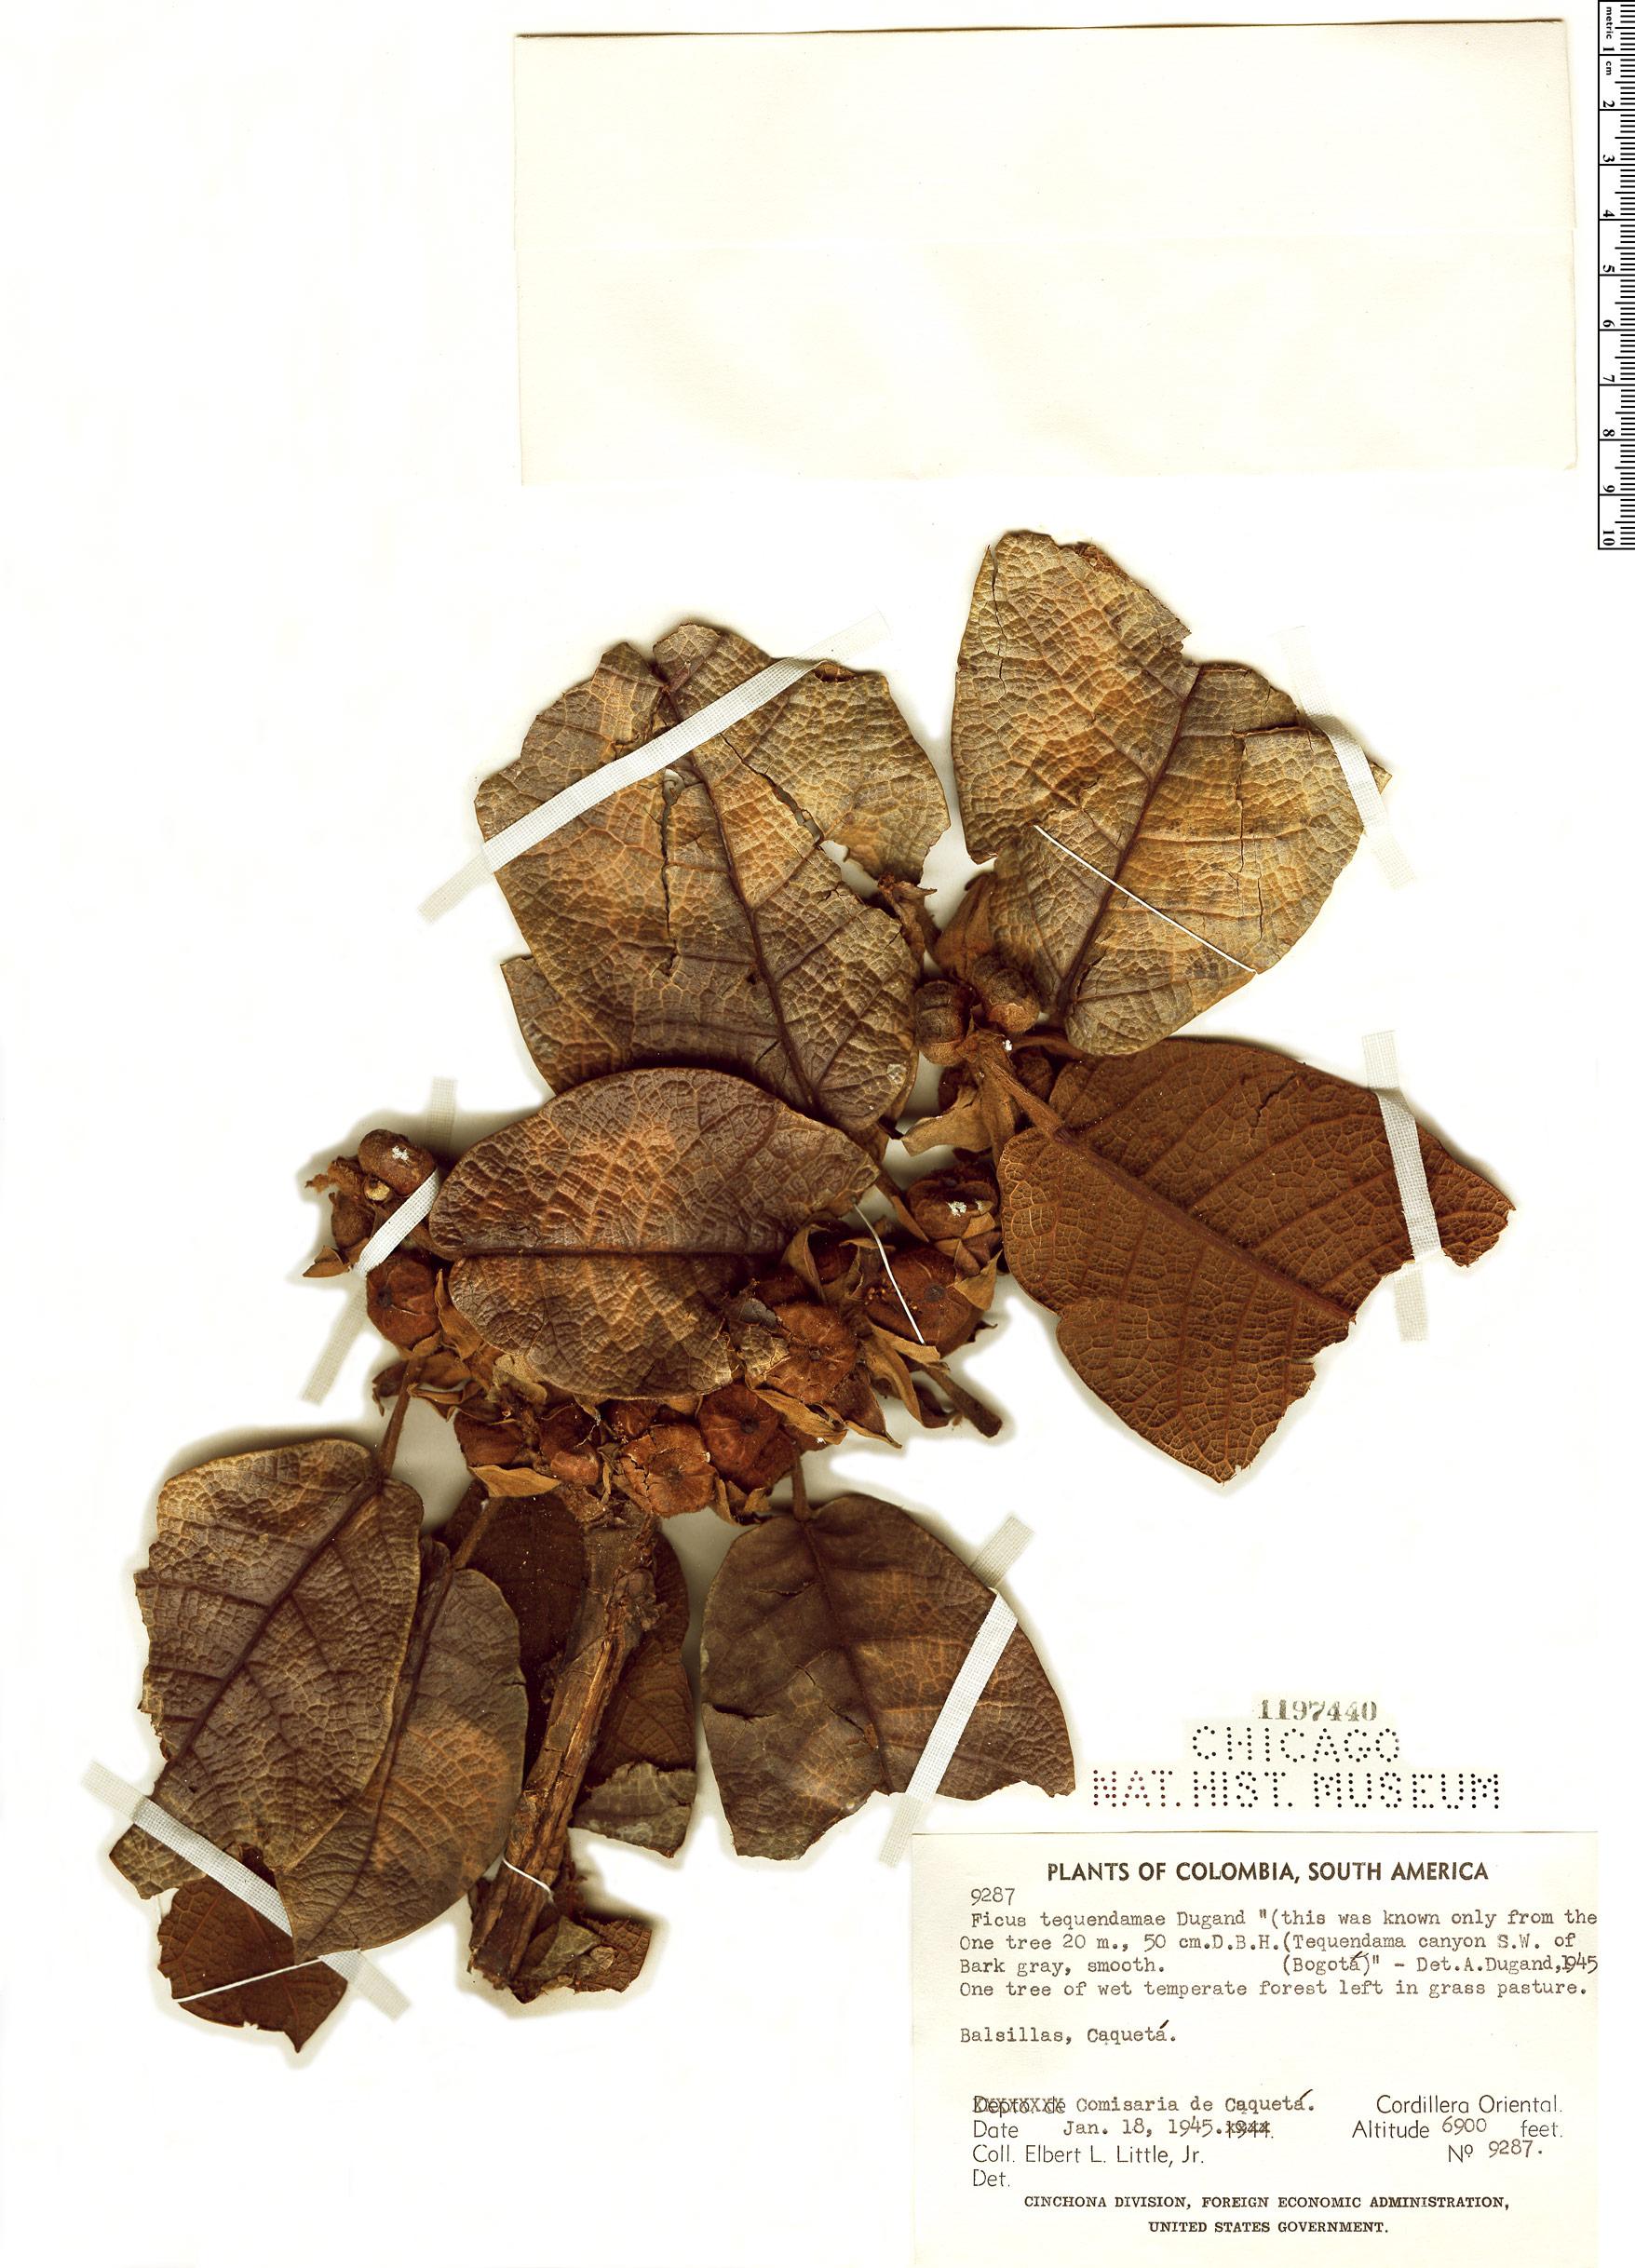 Specimen: Ficus tequendamae